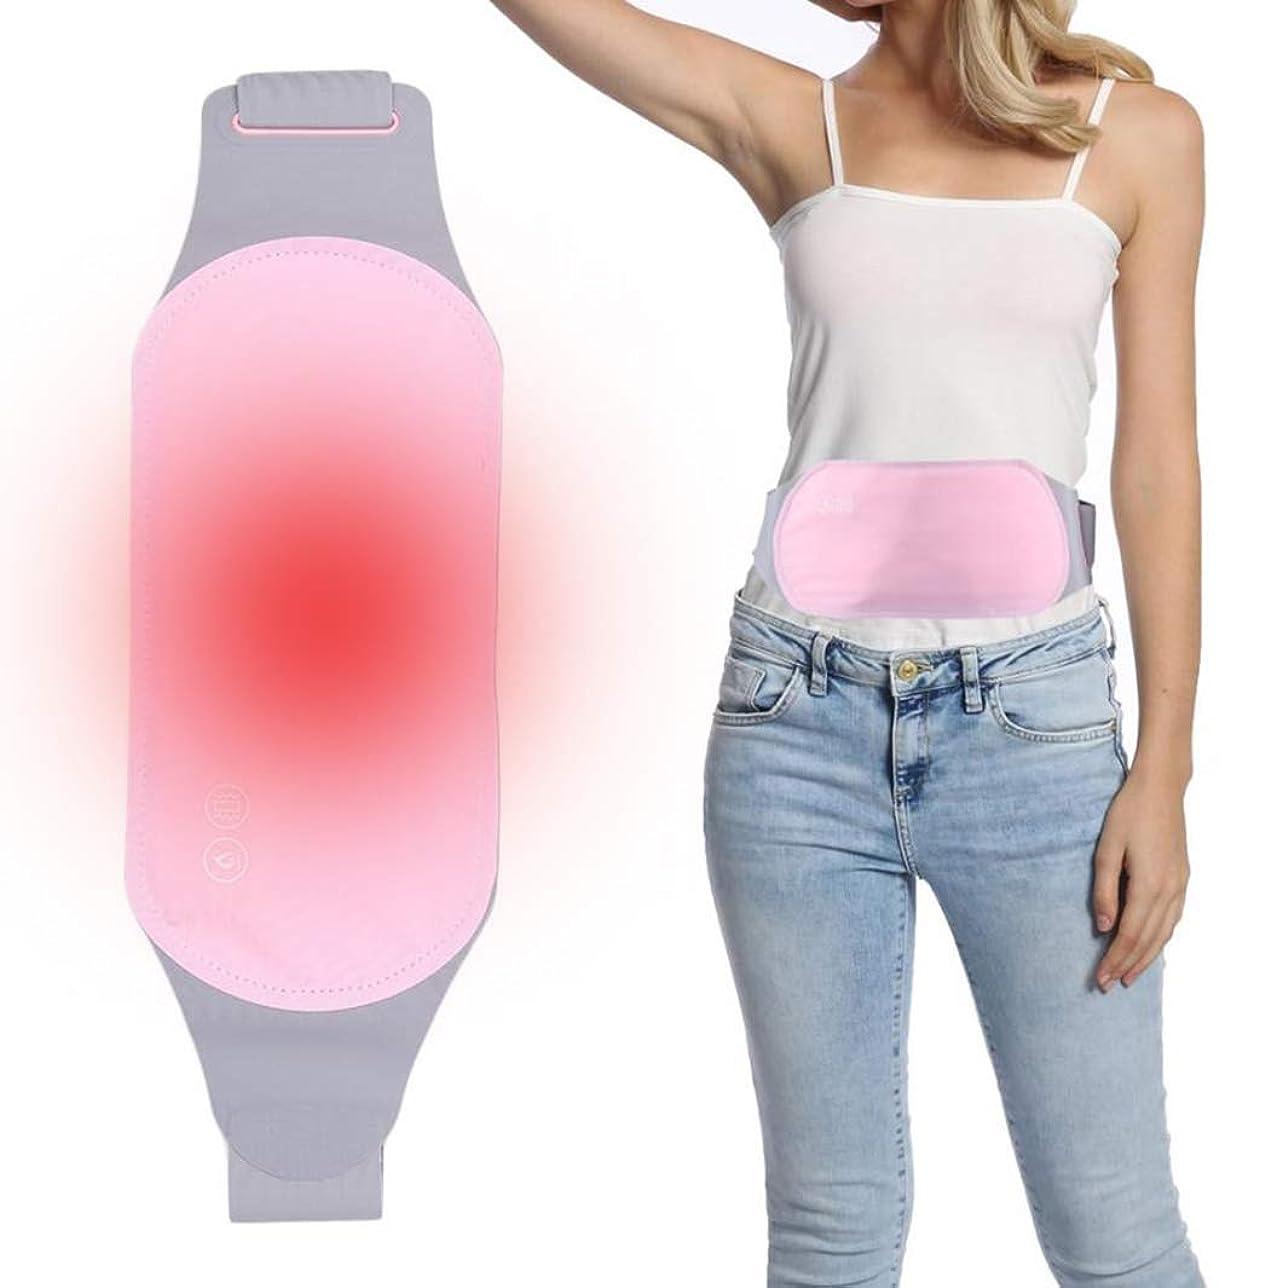 一回忌み嫌うスマッシュ月経痛腰の胃の痛みを軽減するための調節可能な温度暖かいベルト月経困難症ウォーマー宮殿ベルトマッサージパッド